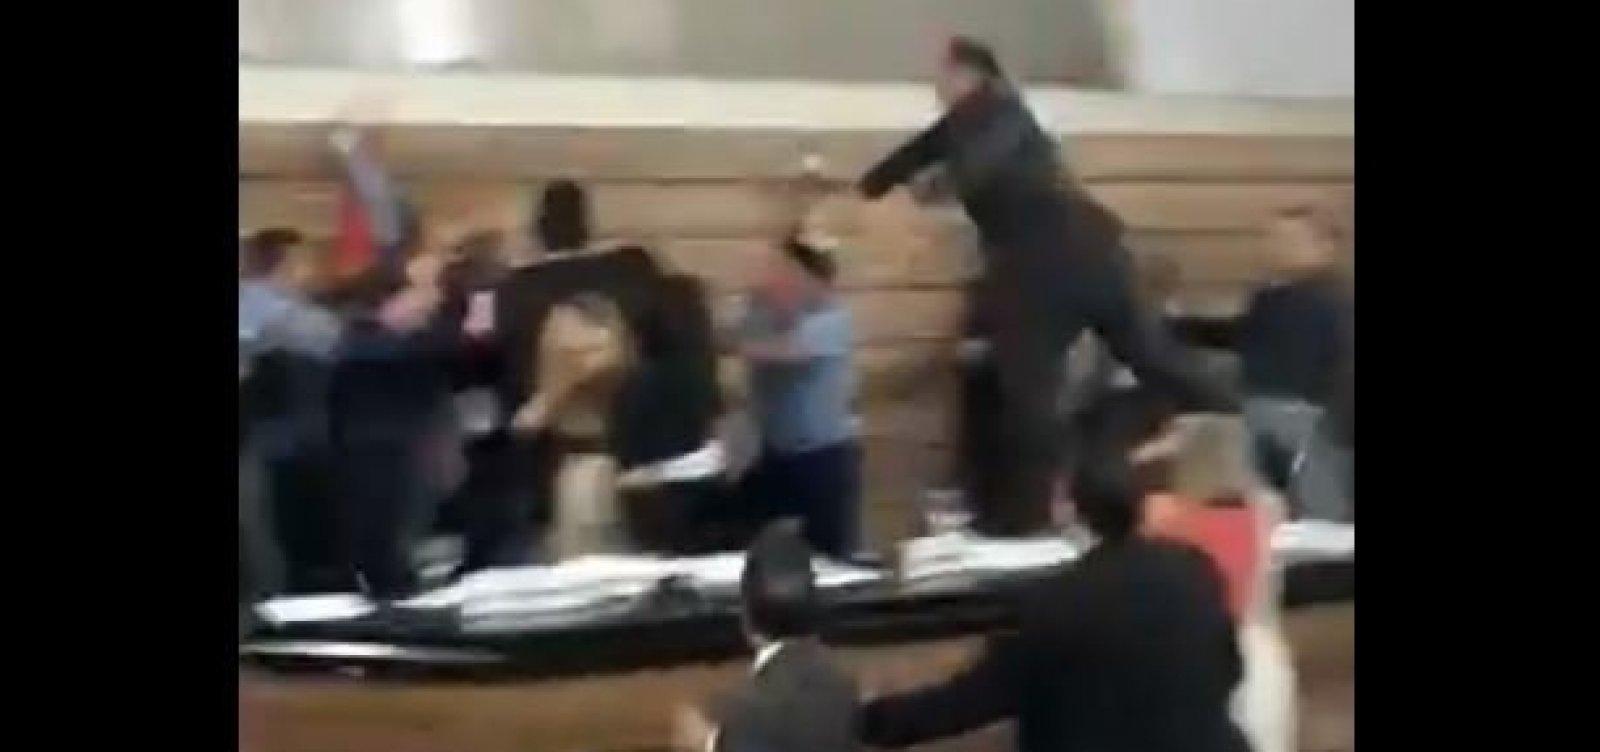 Eleição na Câmara de Macapá termina em briga generalizada; veja vídeo